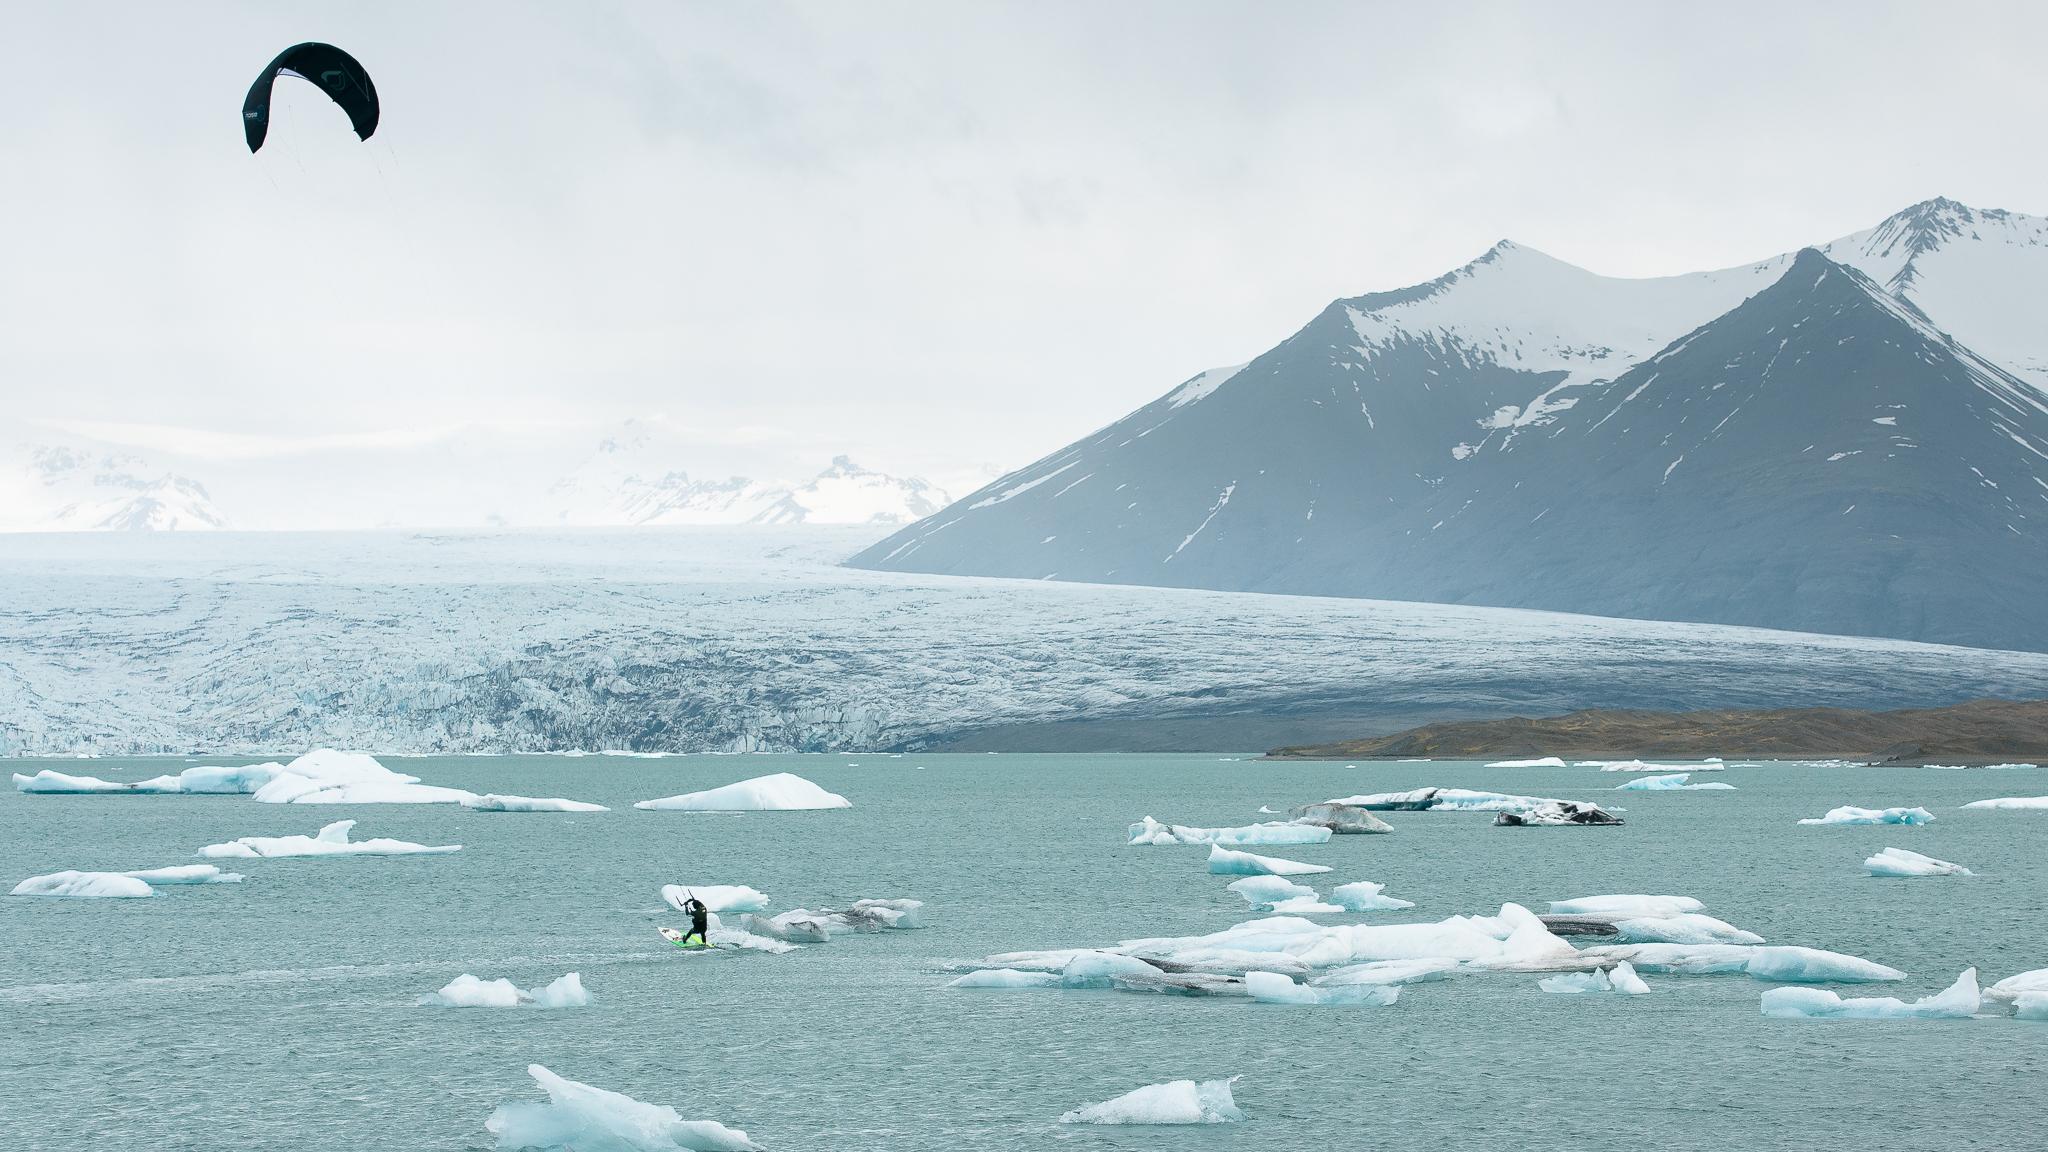 Iceland via Kite